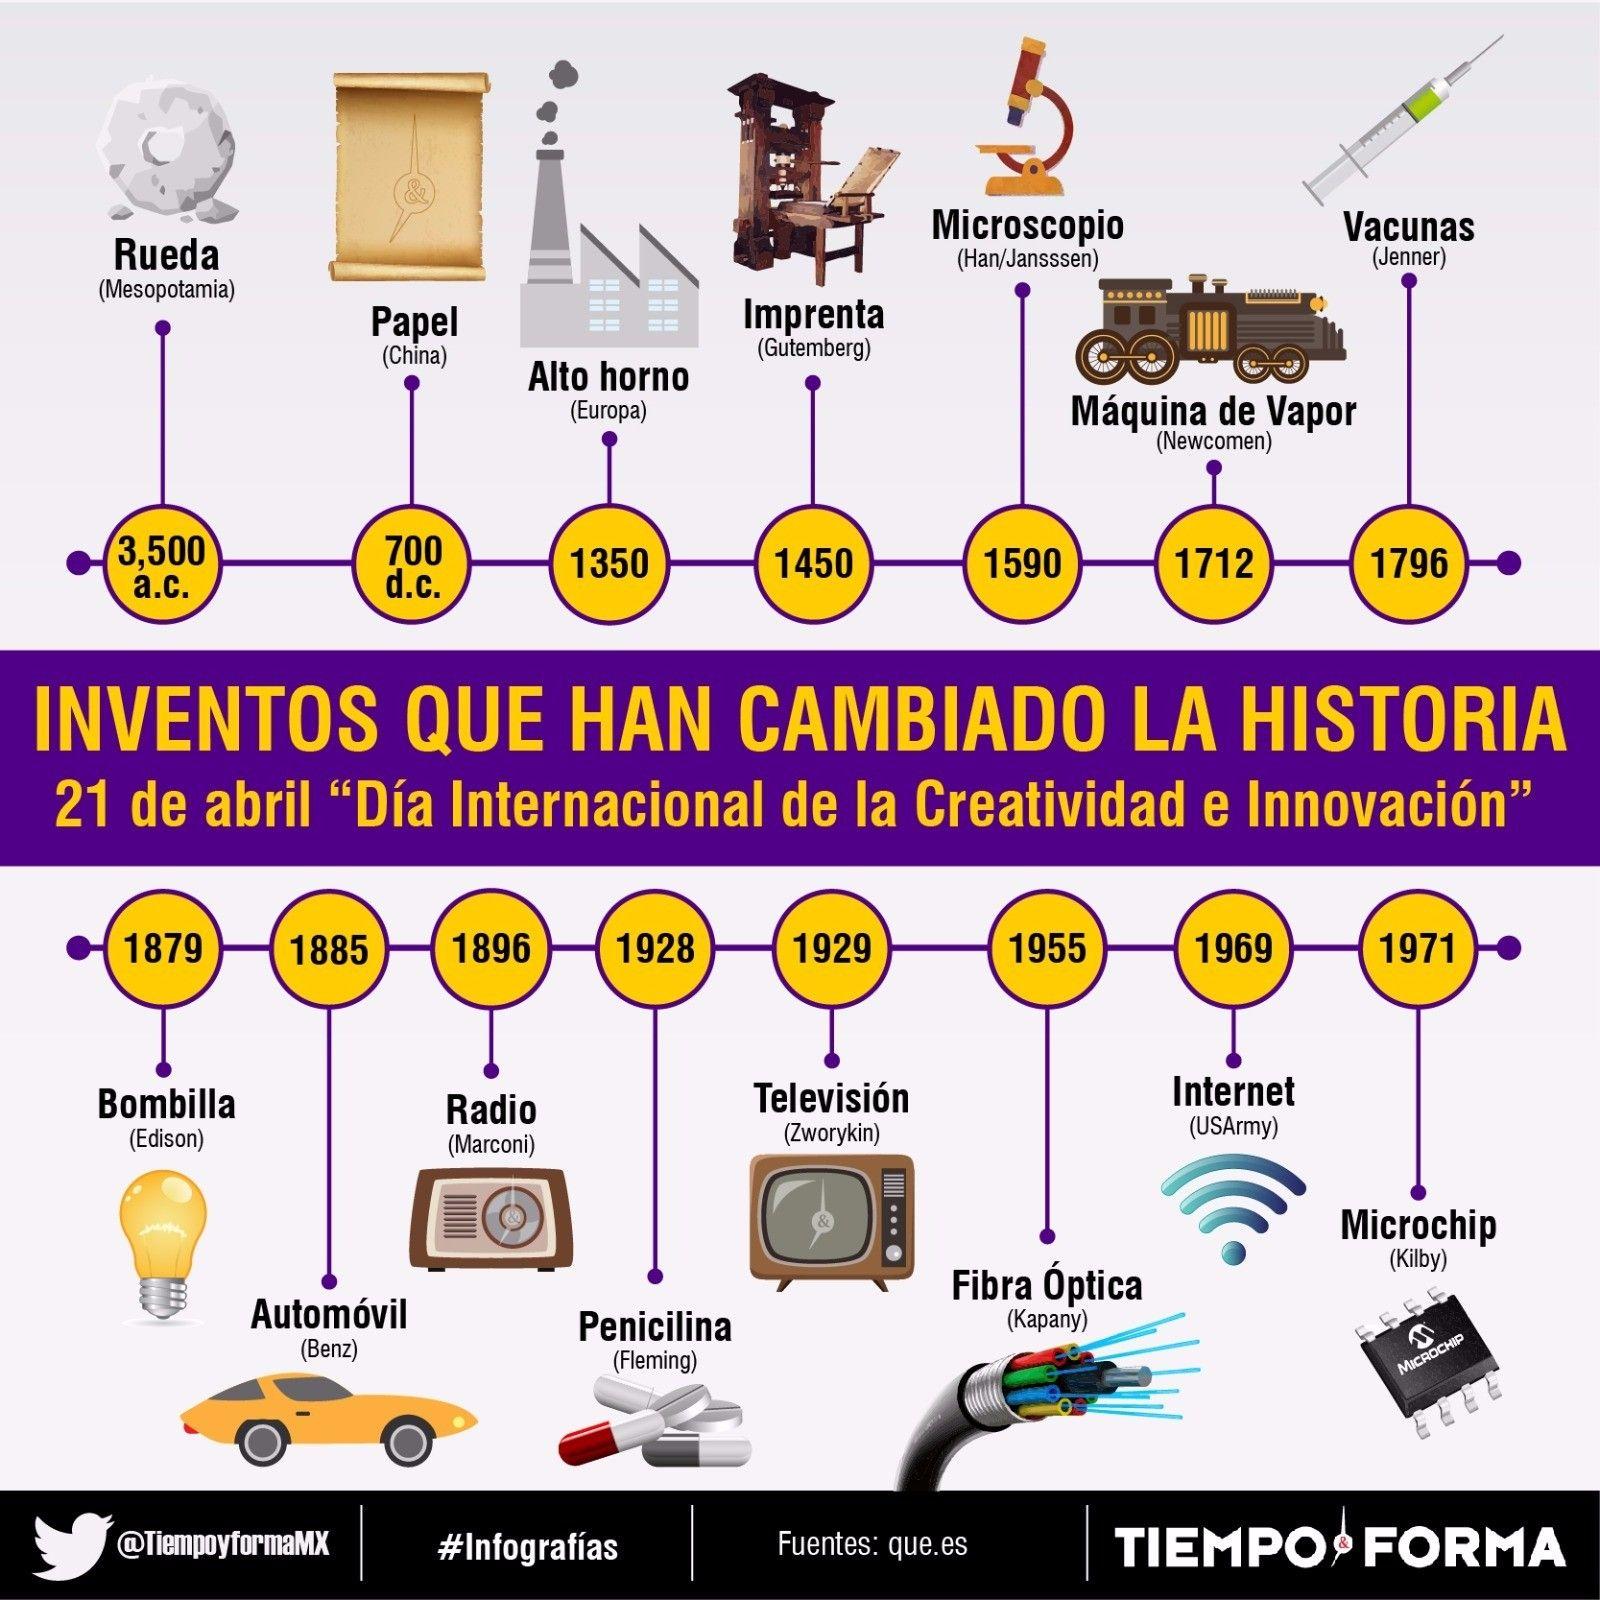 Día Internacional de la Creatividad e Innovación. Inventos que han cambiado  la historia | Creatividad e innovacion, Inventos e inventores, Clase de  informática